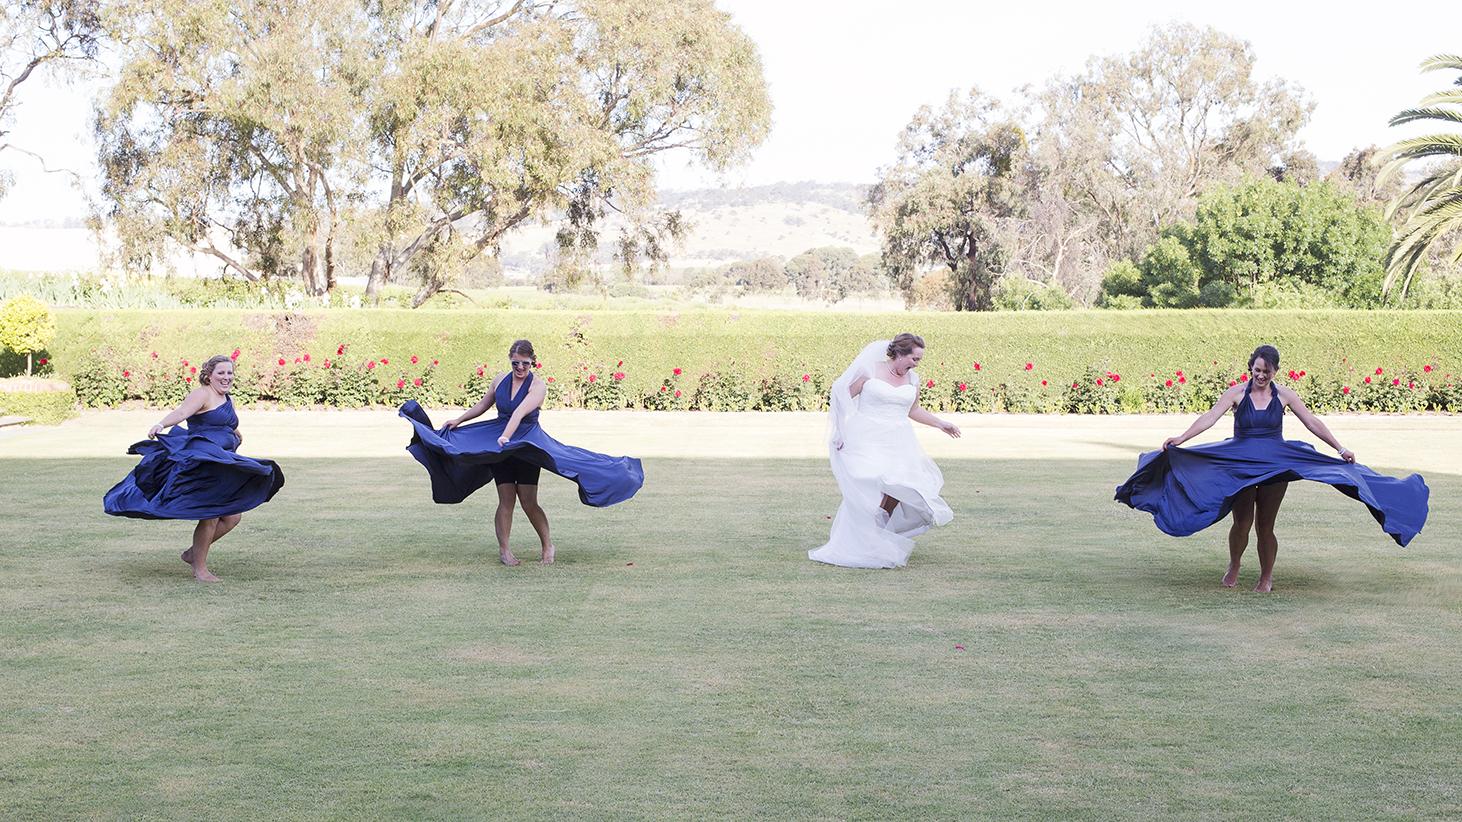 Twirling Chateau Tanunda Croquet Garden Wedding Portrait 16-9.jpg